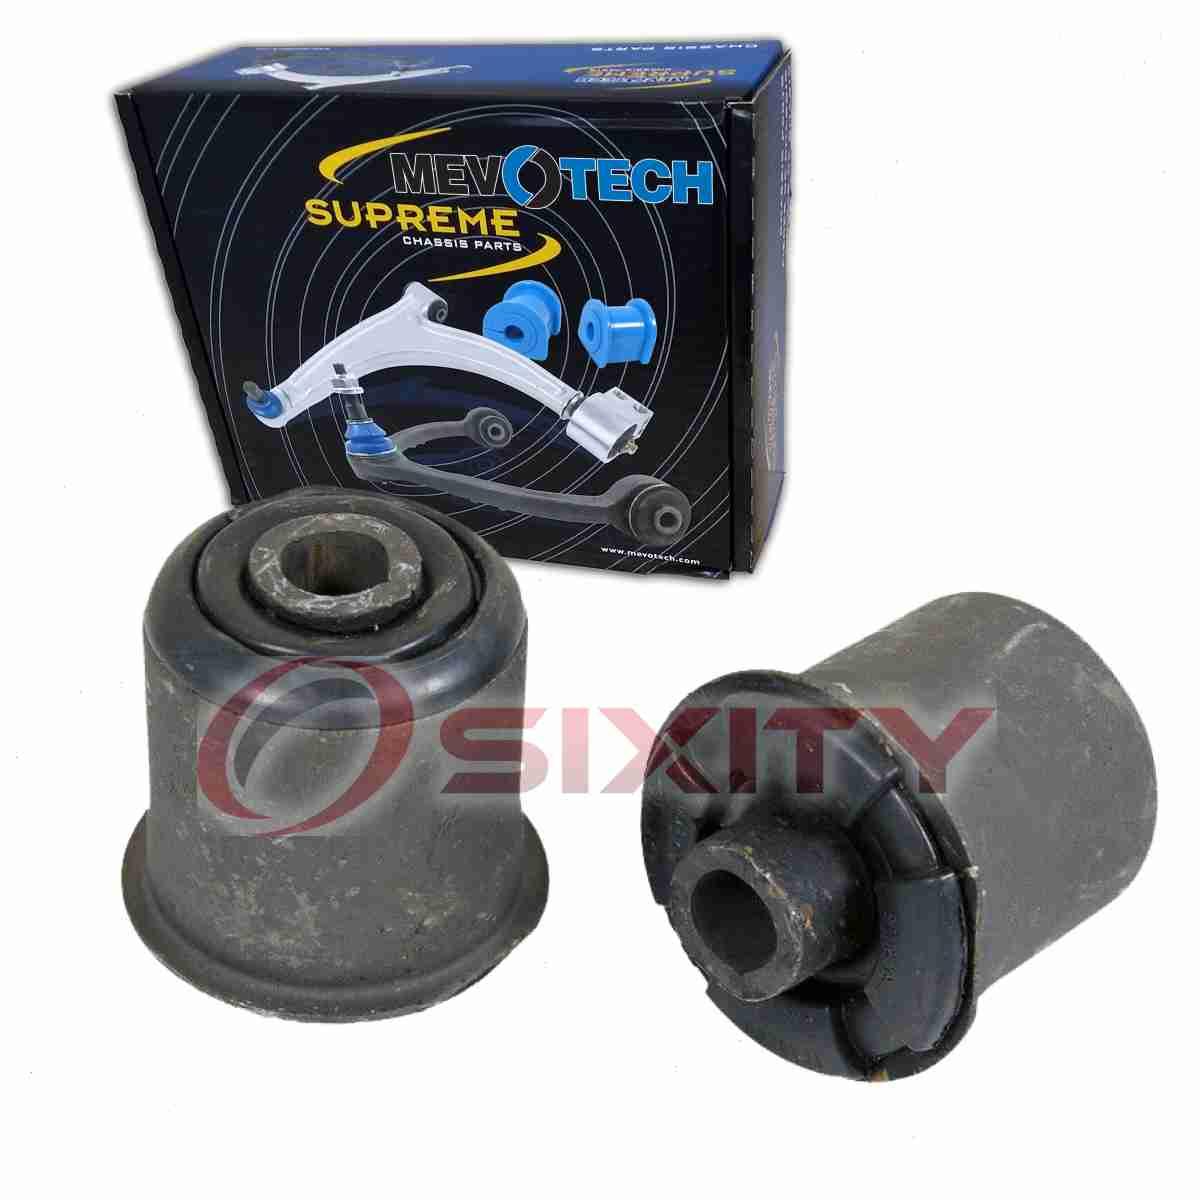 10pcs Strong Magnets 10x12 Stone Shade /& Tarps 80/% Aluminet Shade Net